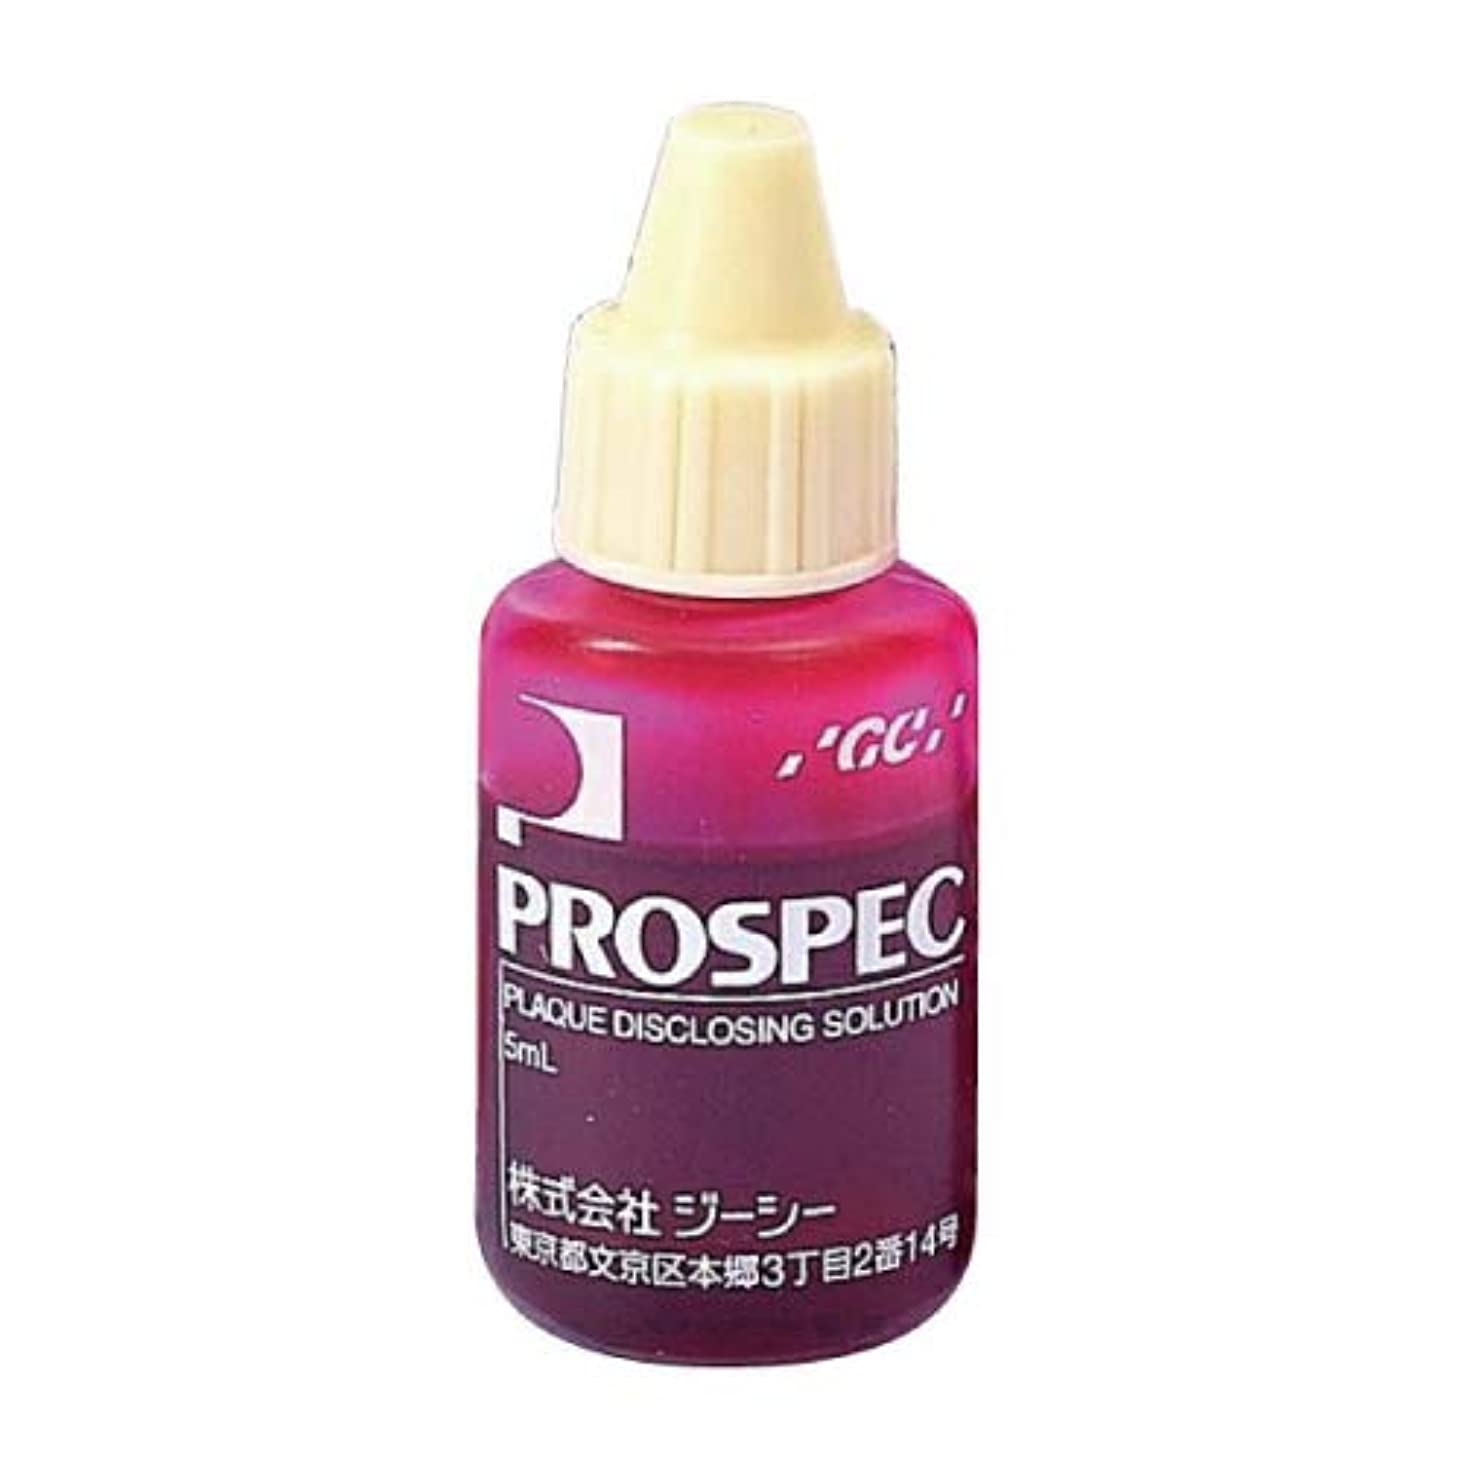 分析的なアジャひそかにジーシー GC プロスペック 歯垢染色液 5ml